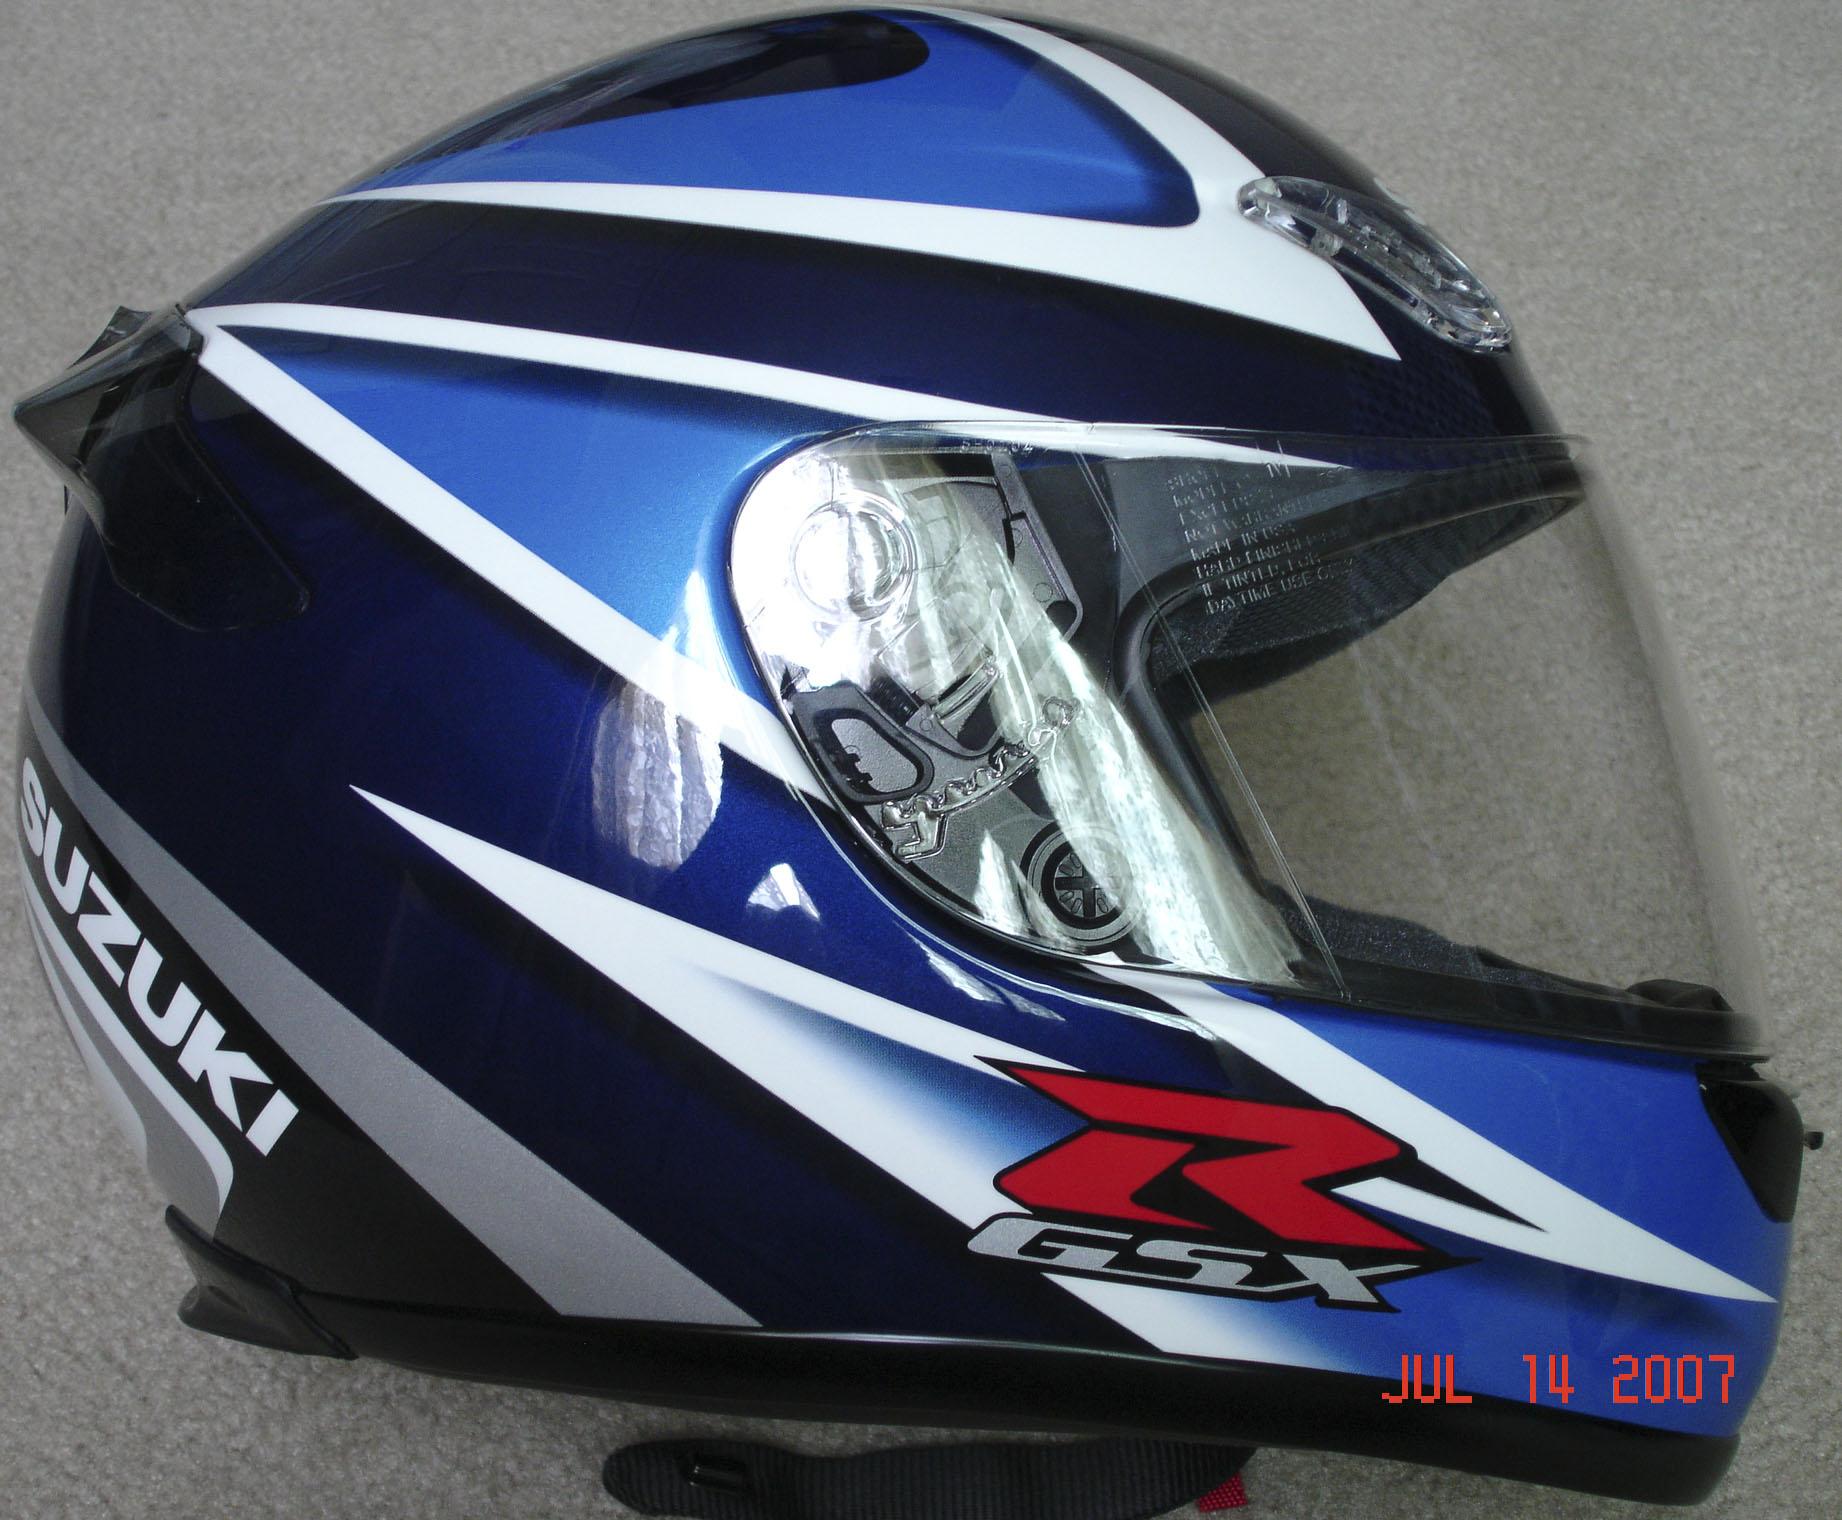 shoei helmets for sale sportbikesnet